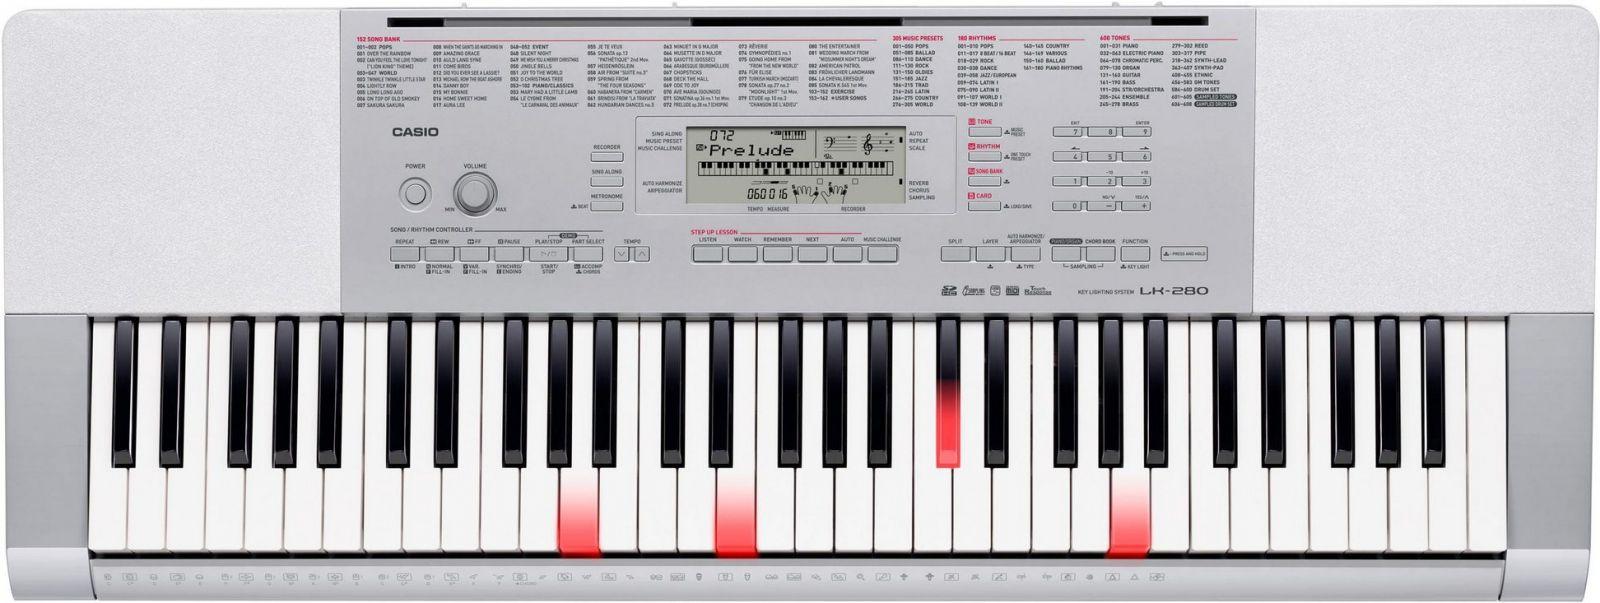 Описание: E:\Статьи\Акционные синтезаторы\LK-280.jpg